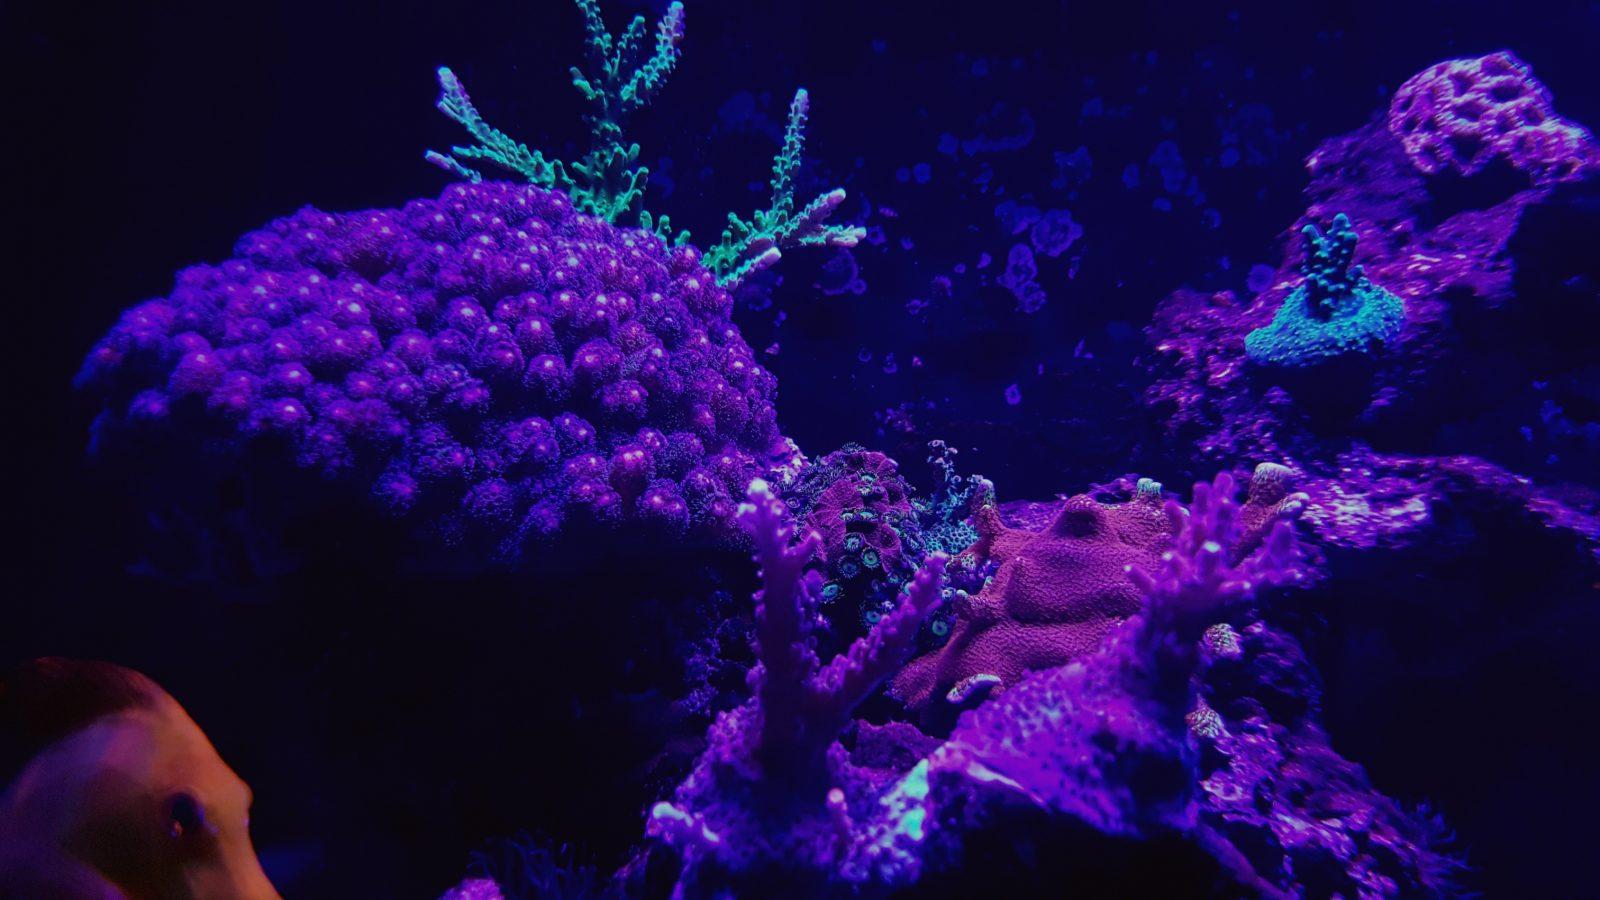 belos corais coloridos levou iluminação